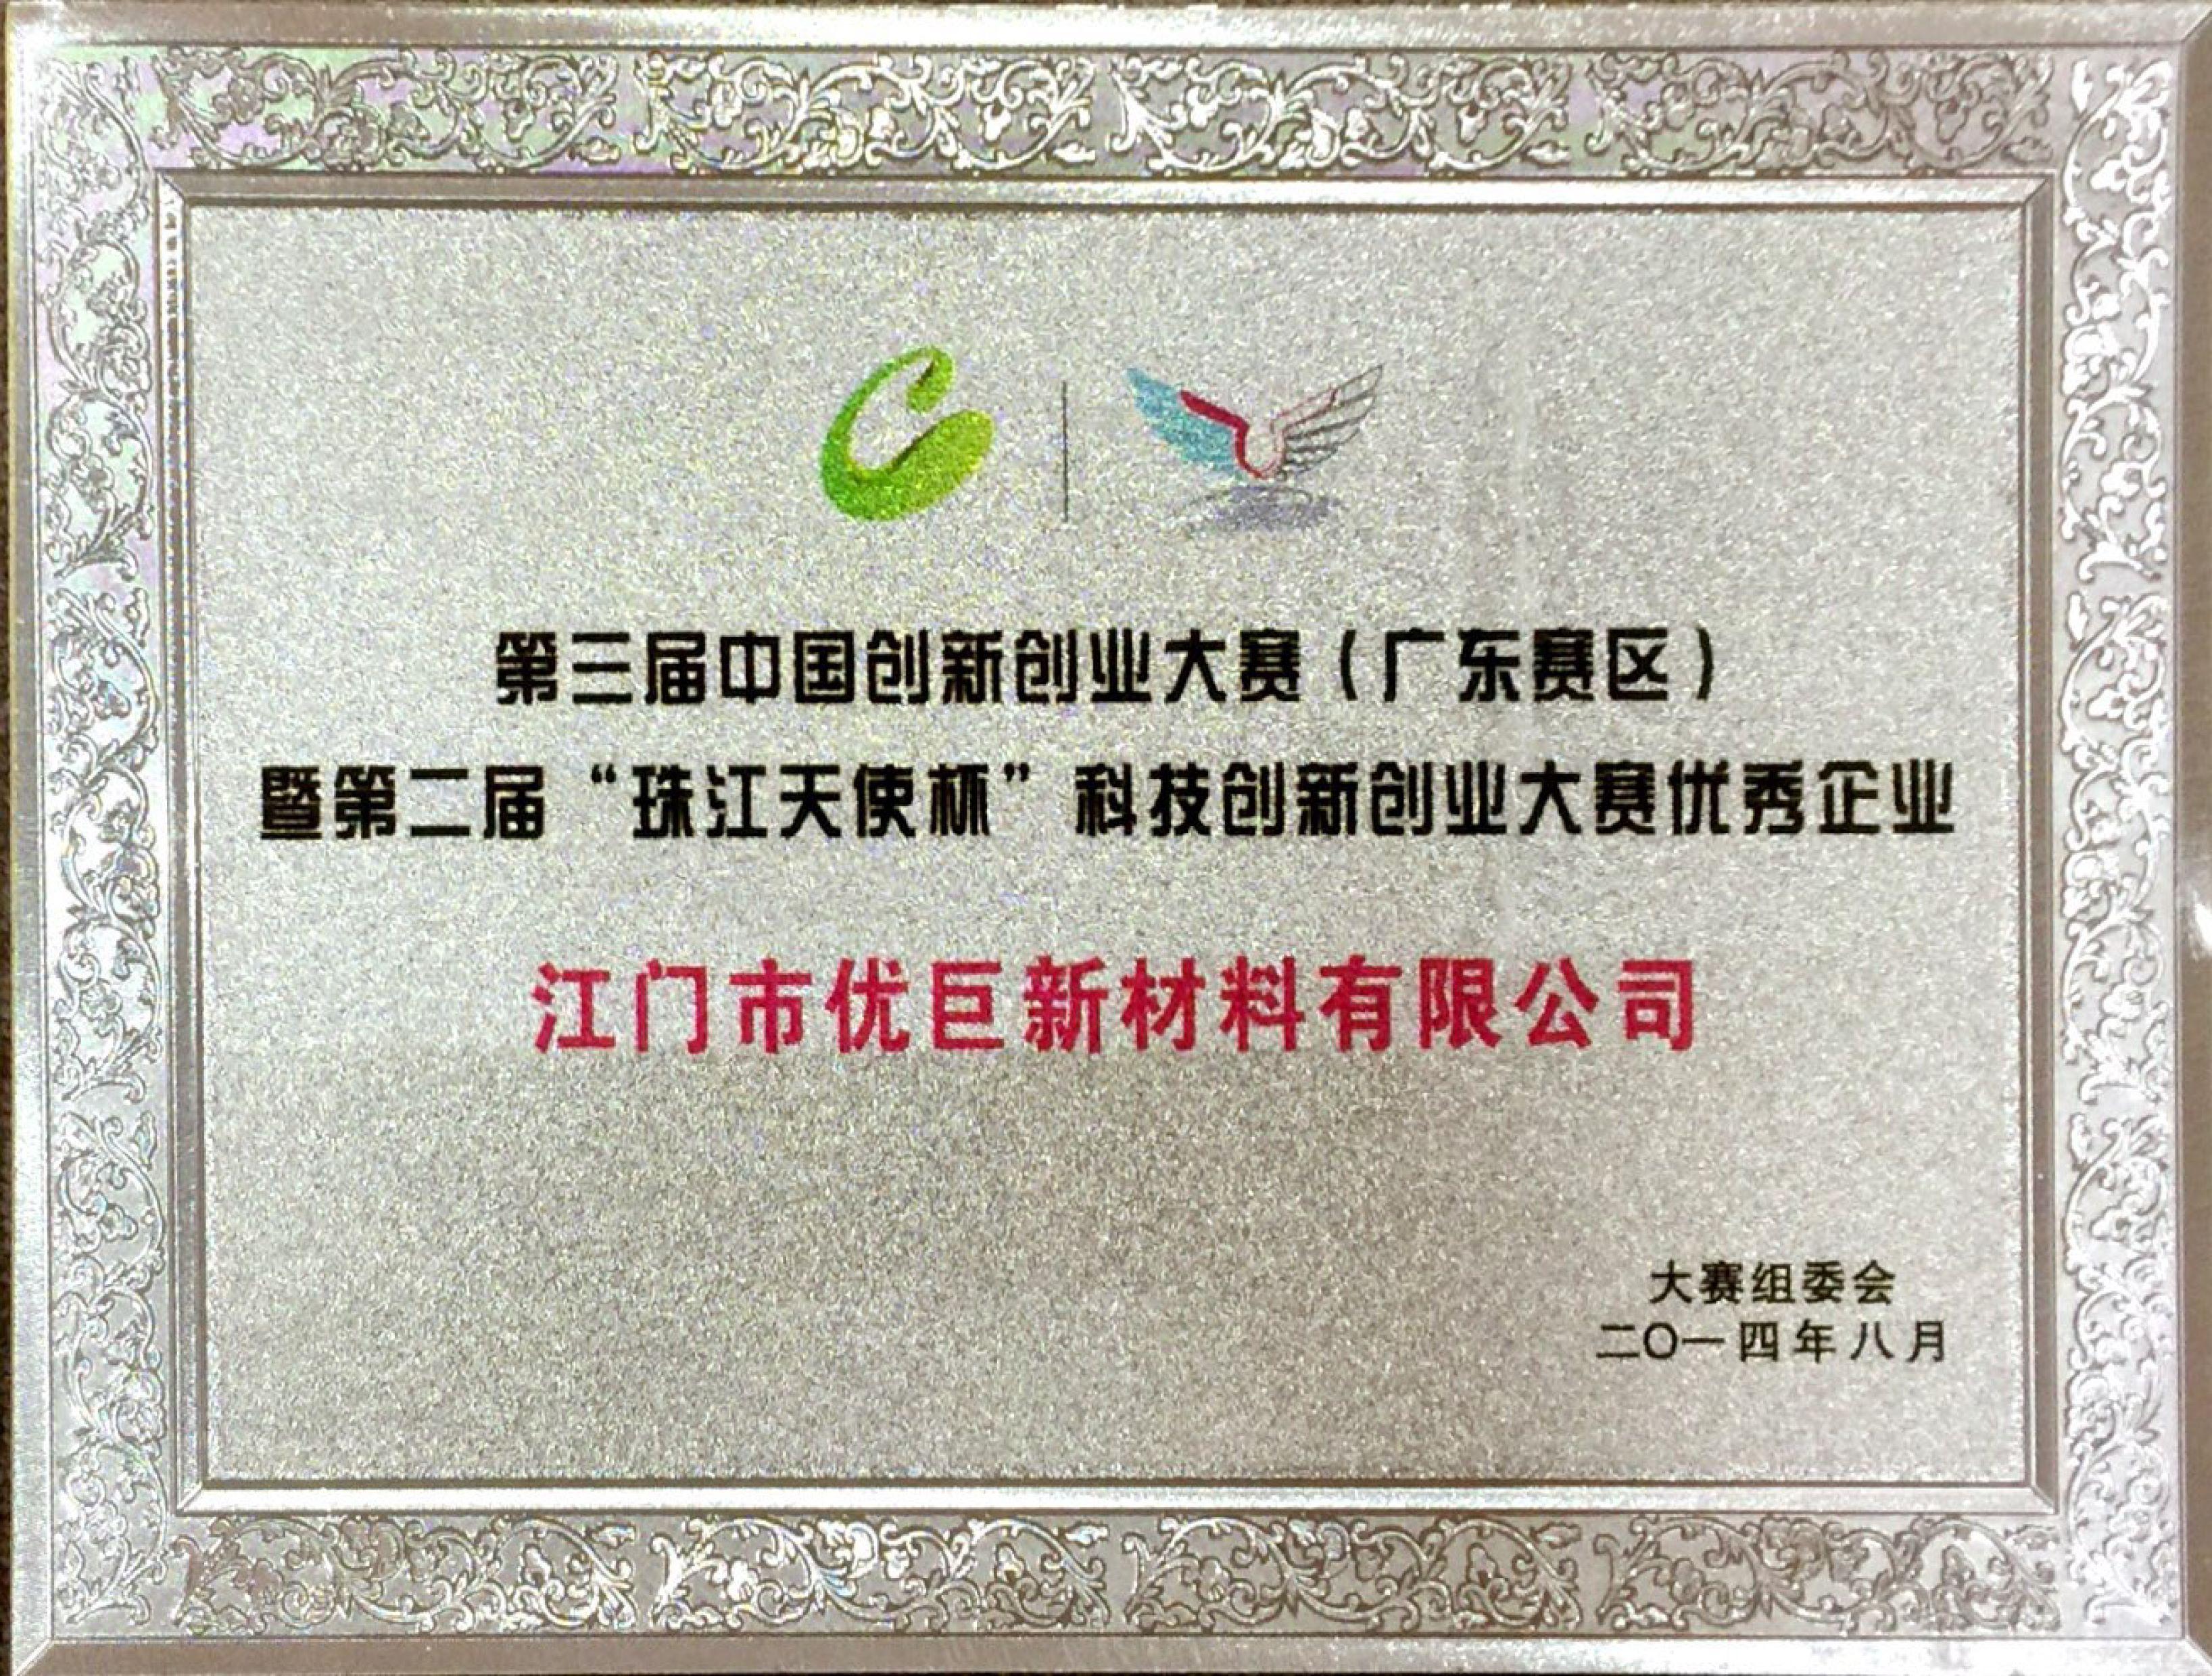 广东省珠江杯创新创业大赛优秀企业